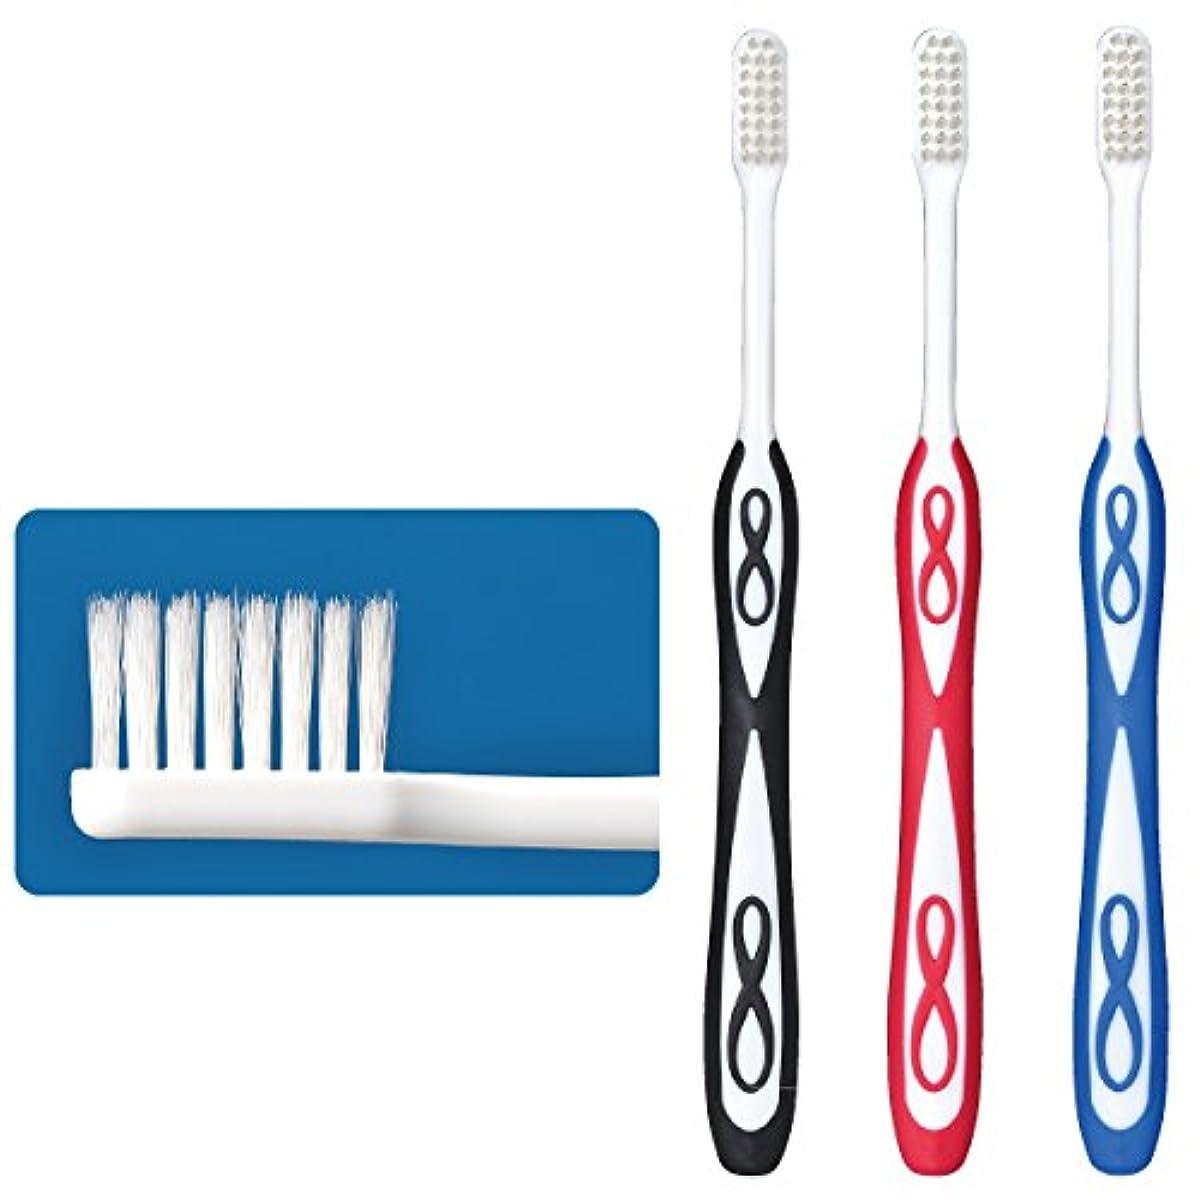 実験をするポール人間Lover8(ラバーエイト)歯ブラシ レギュラータイプ オールテーパー毛 Mふつう 3本入